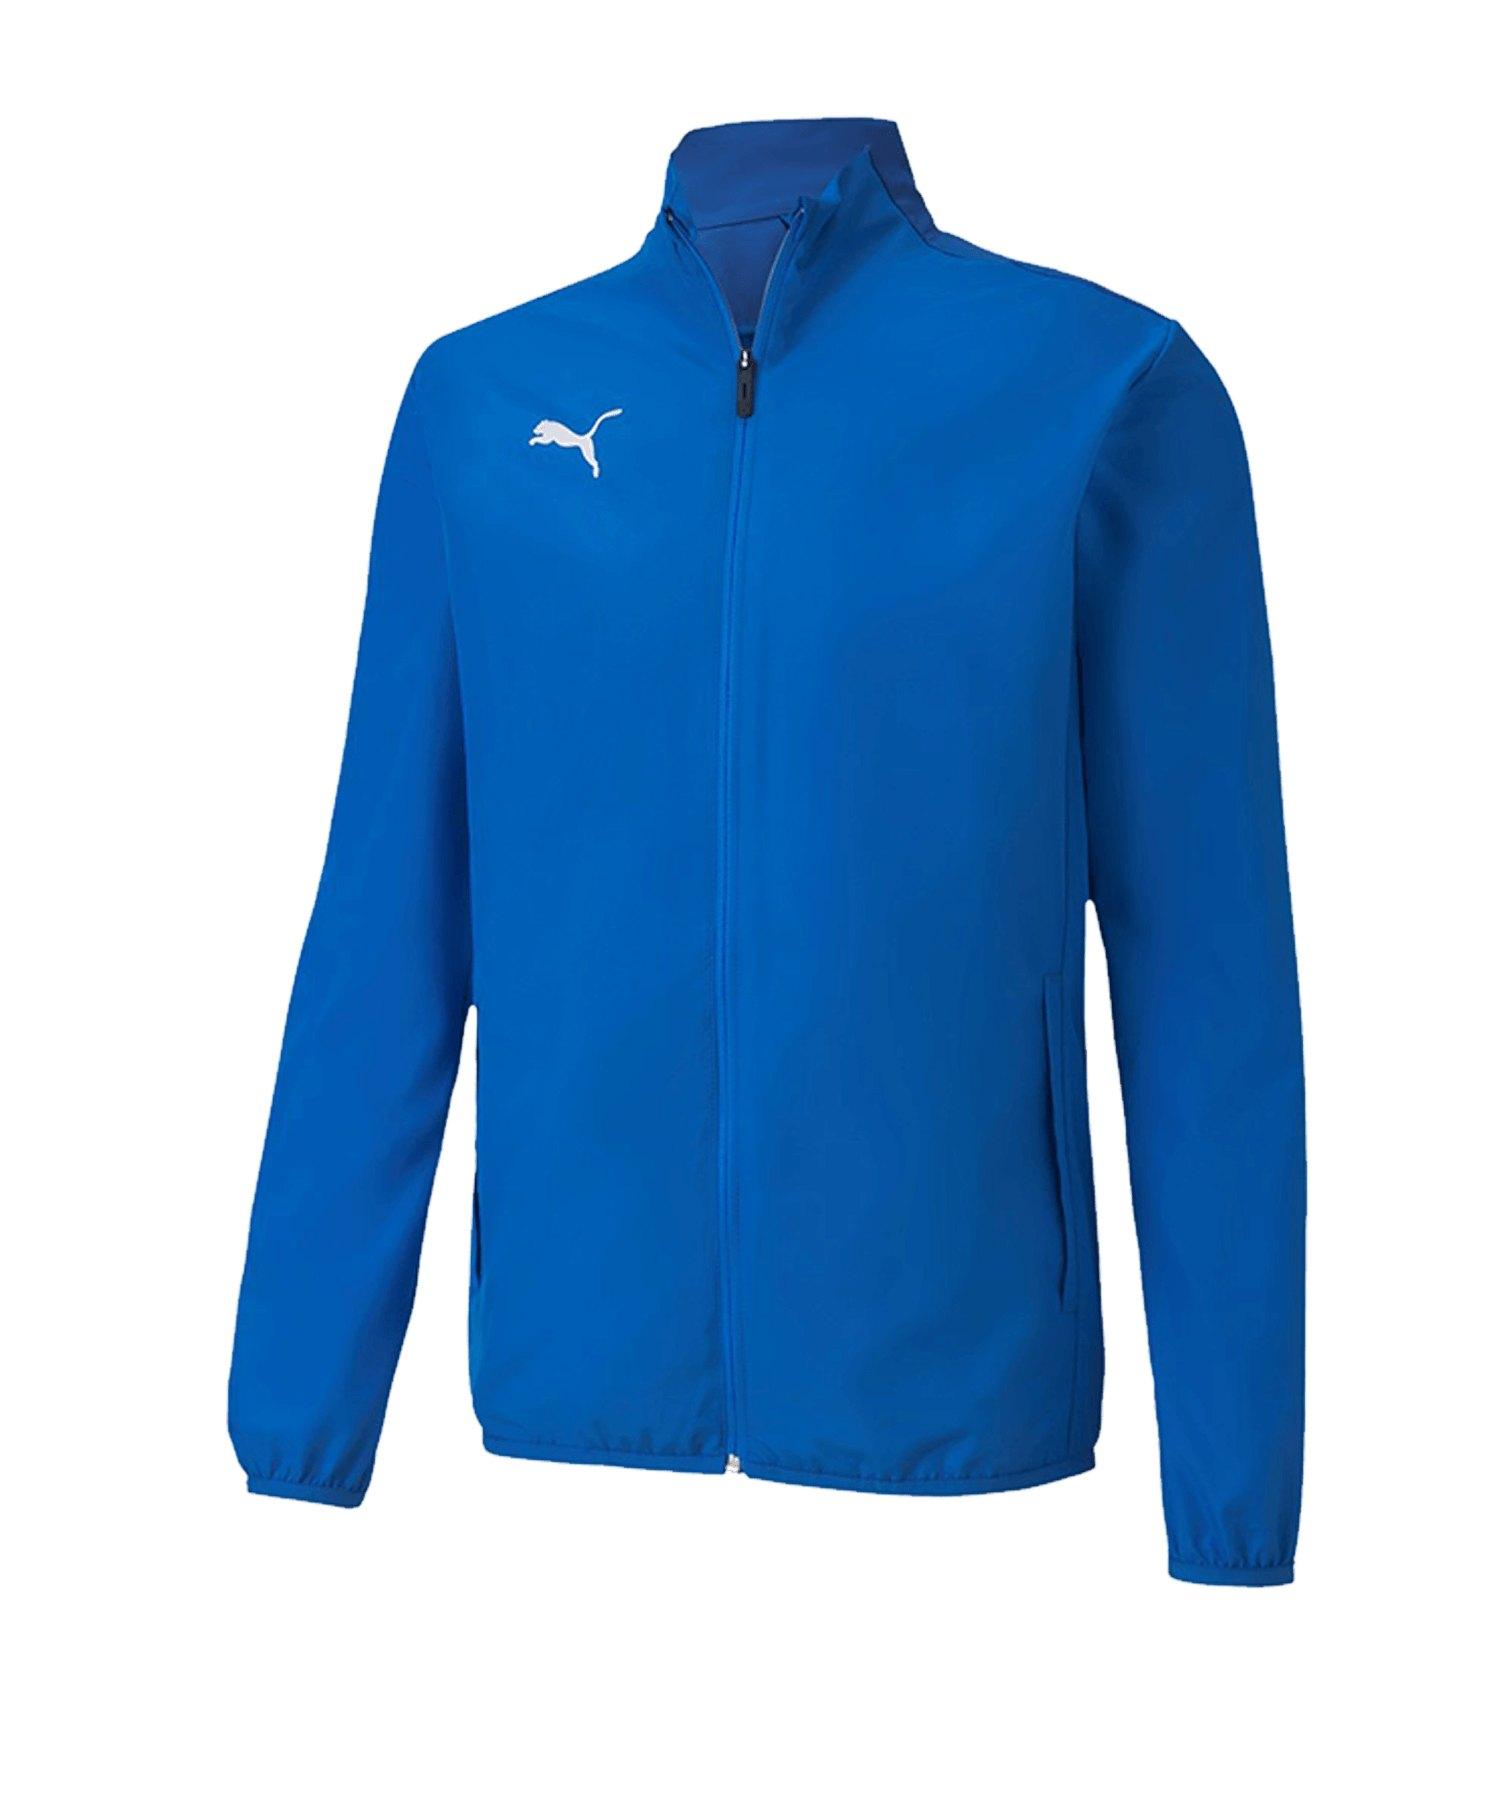 PUMA teamGOAL 23 Sideline Trainingsjacke Blau F02 - blau